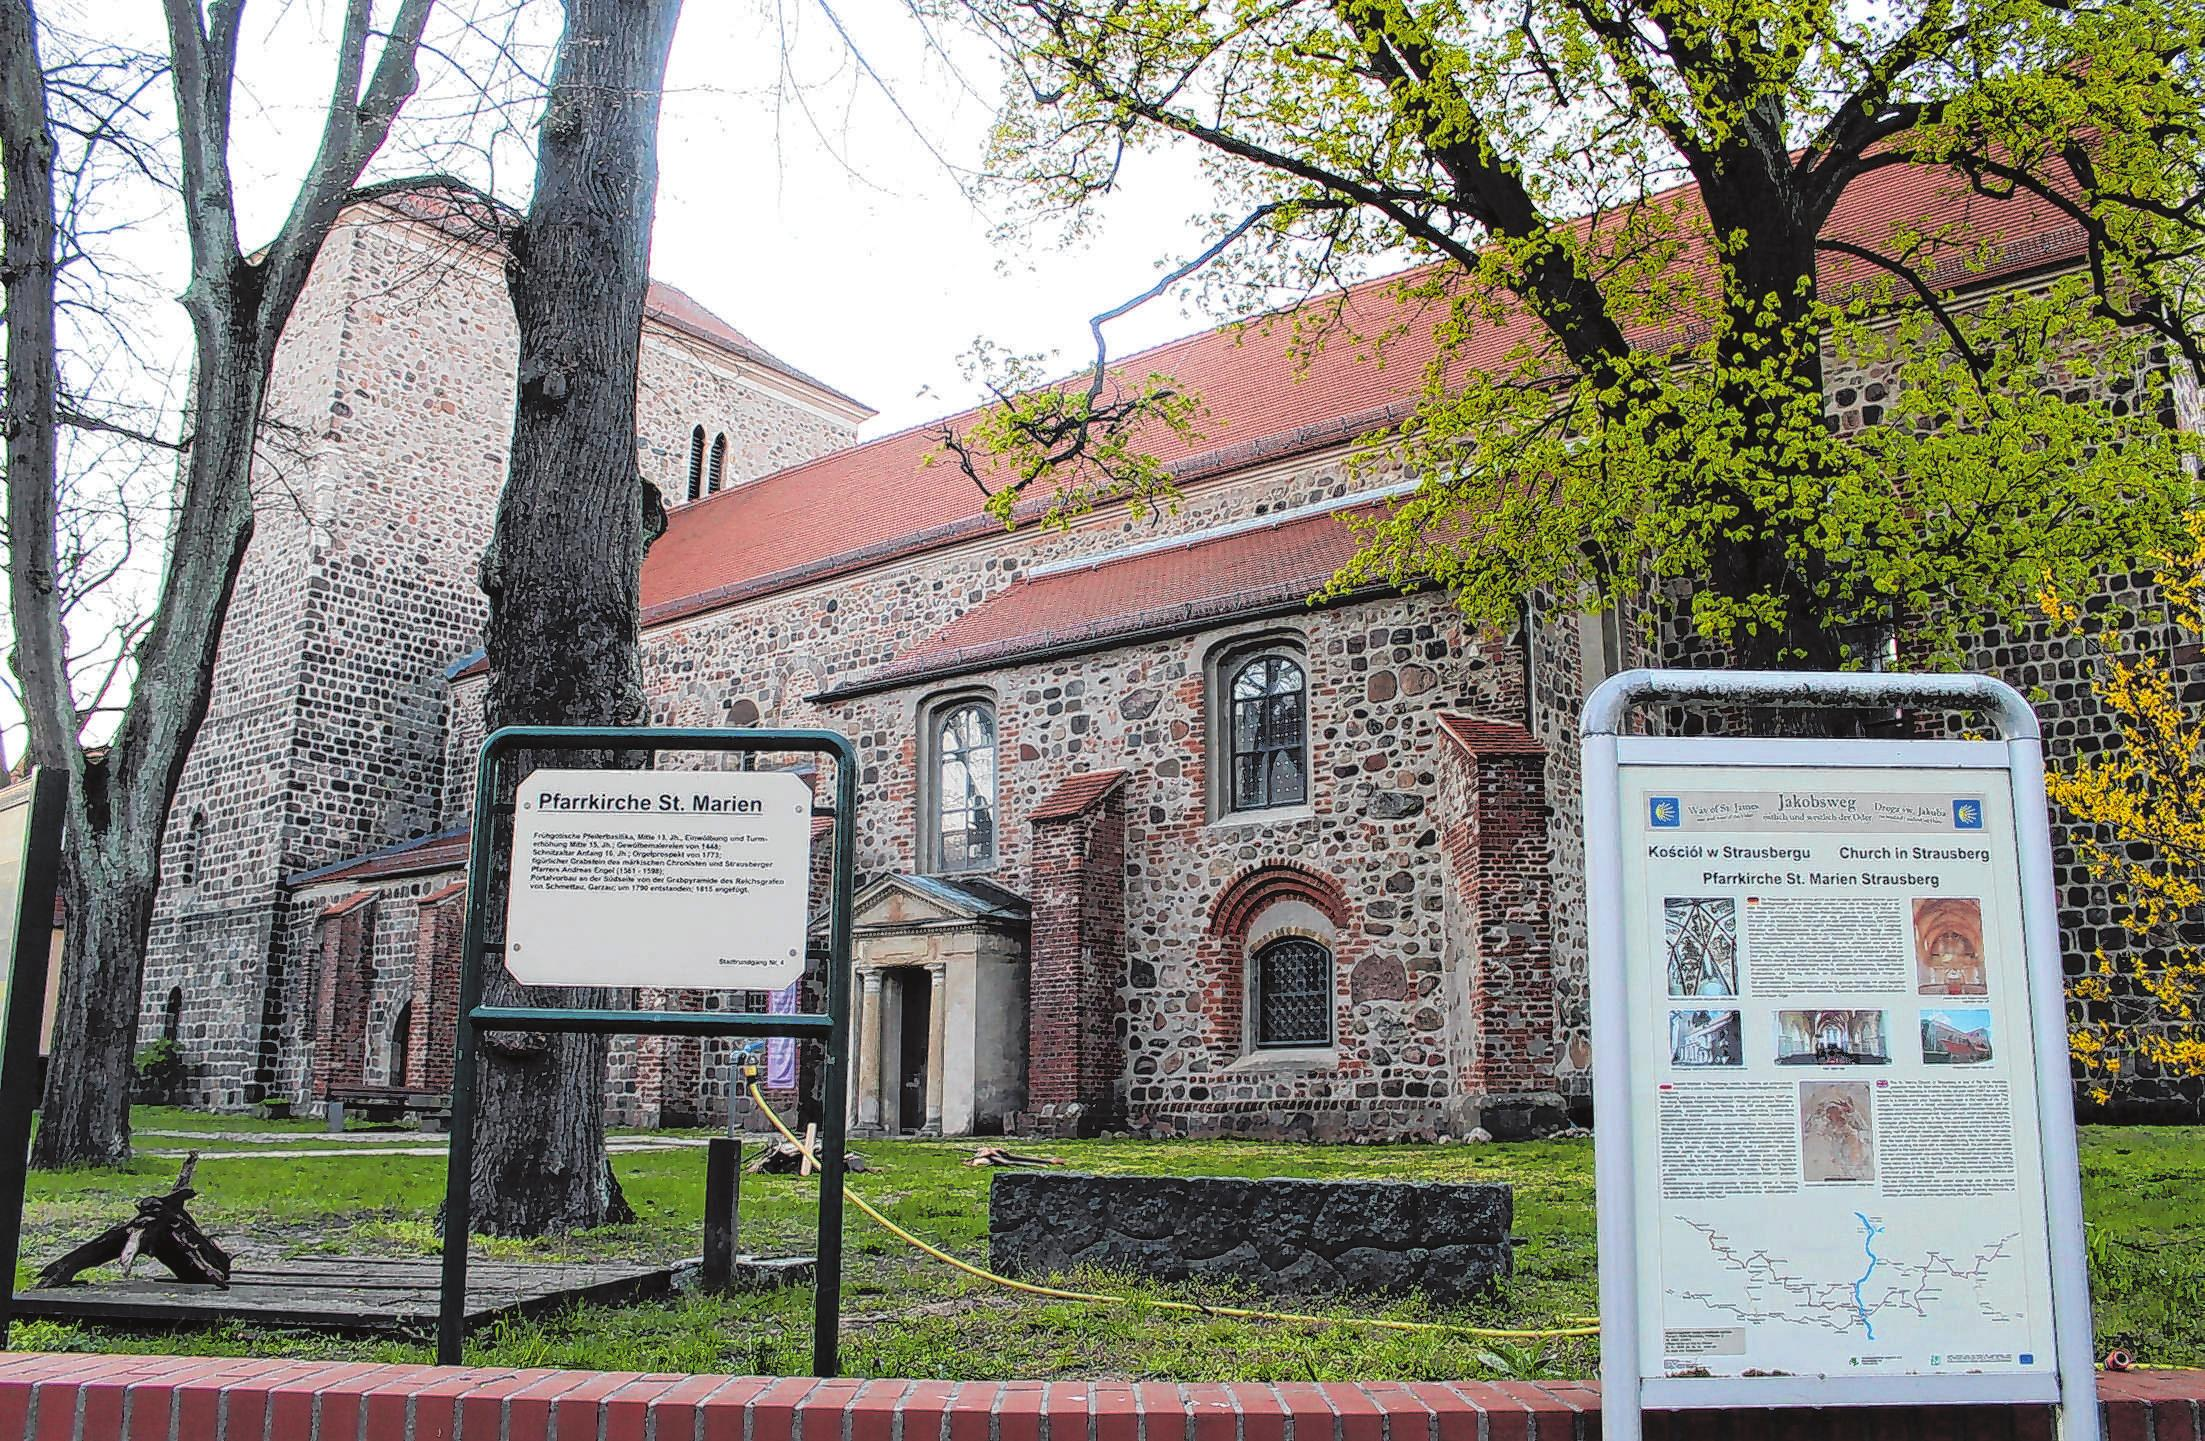 Die Marienkirchein Strausberg ist täglich von 8 Uhr bis 18 Uhr geöffnet. Foto: Thomas Berger